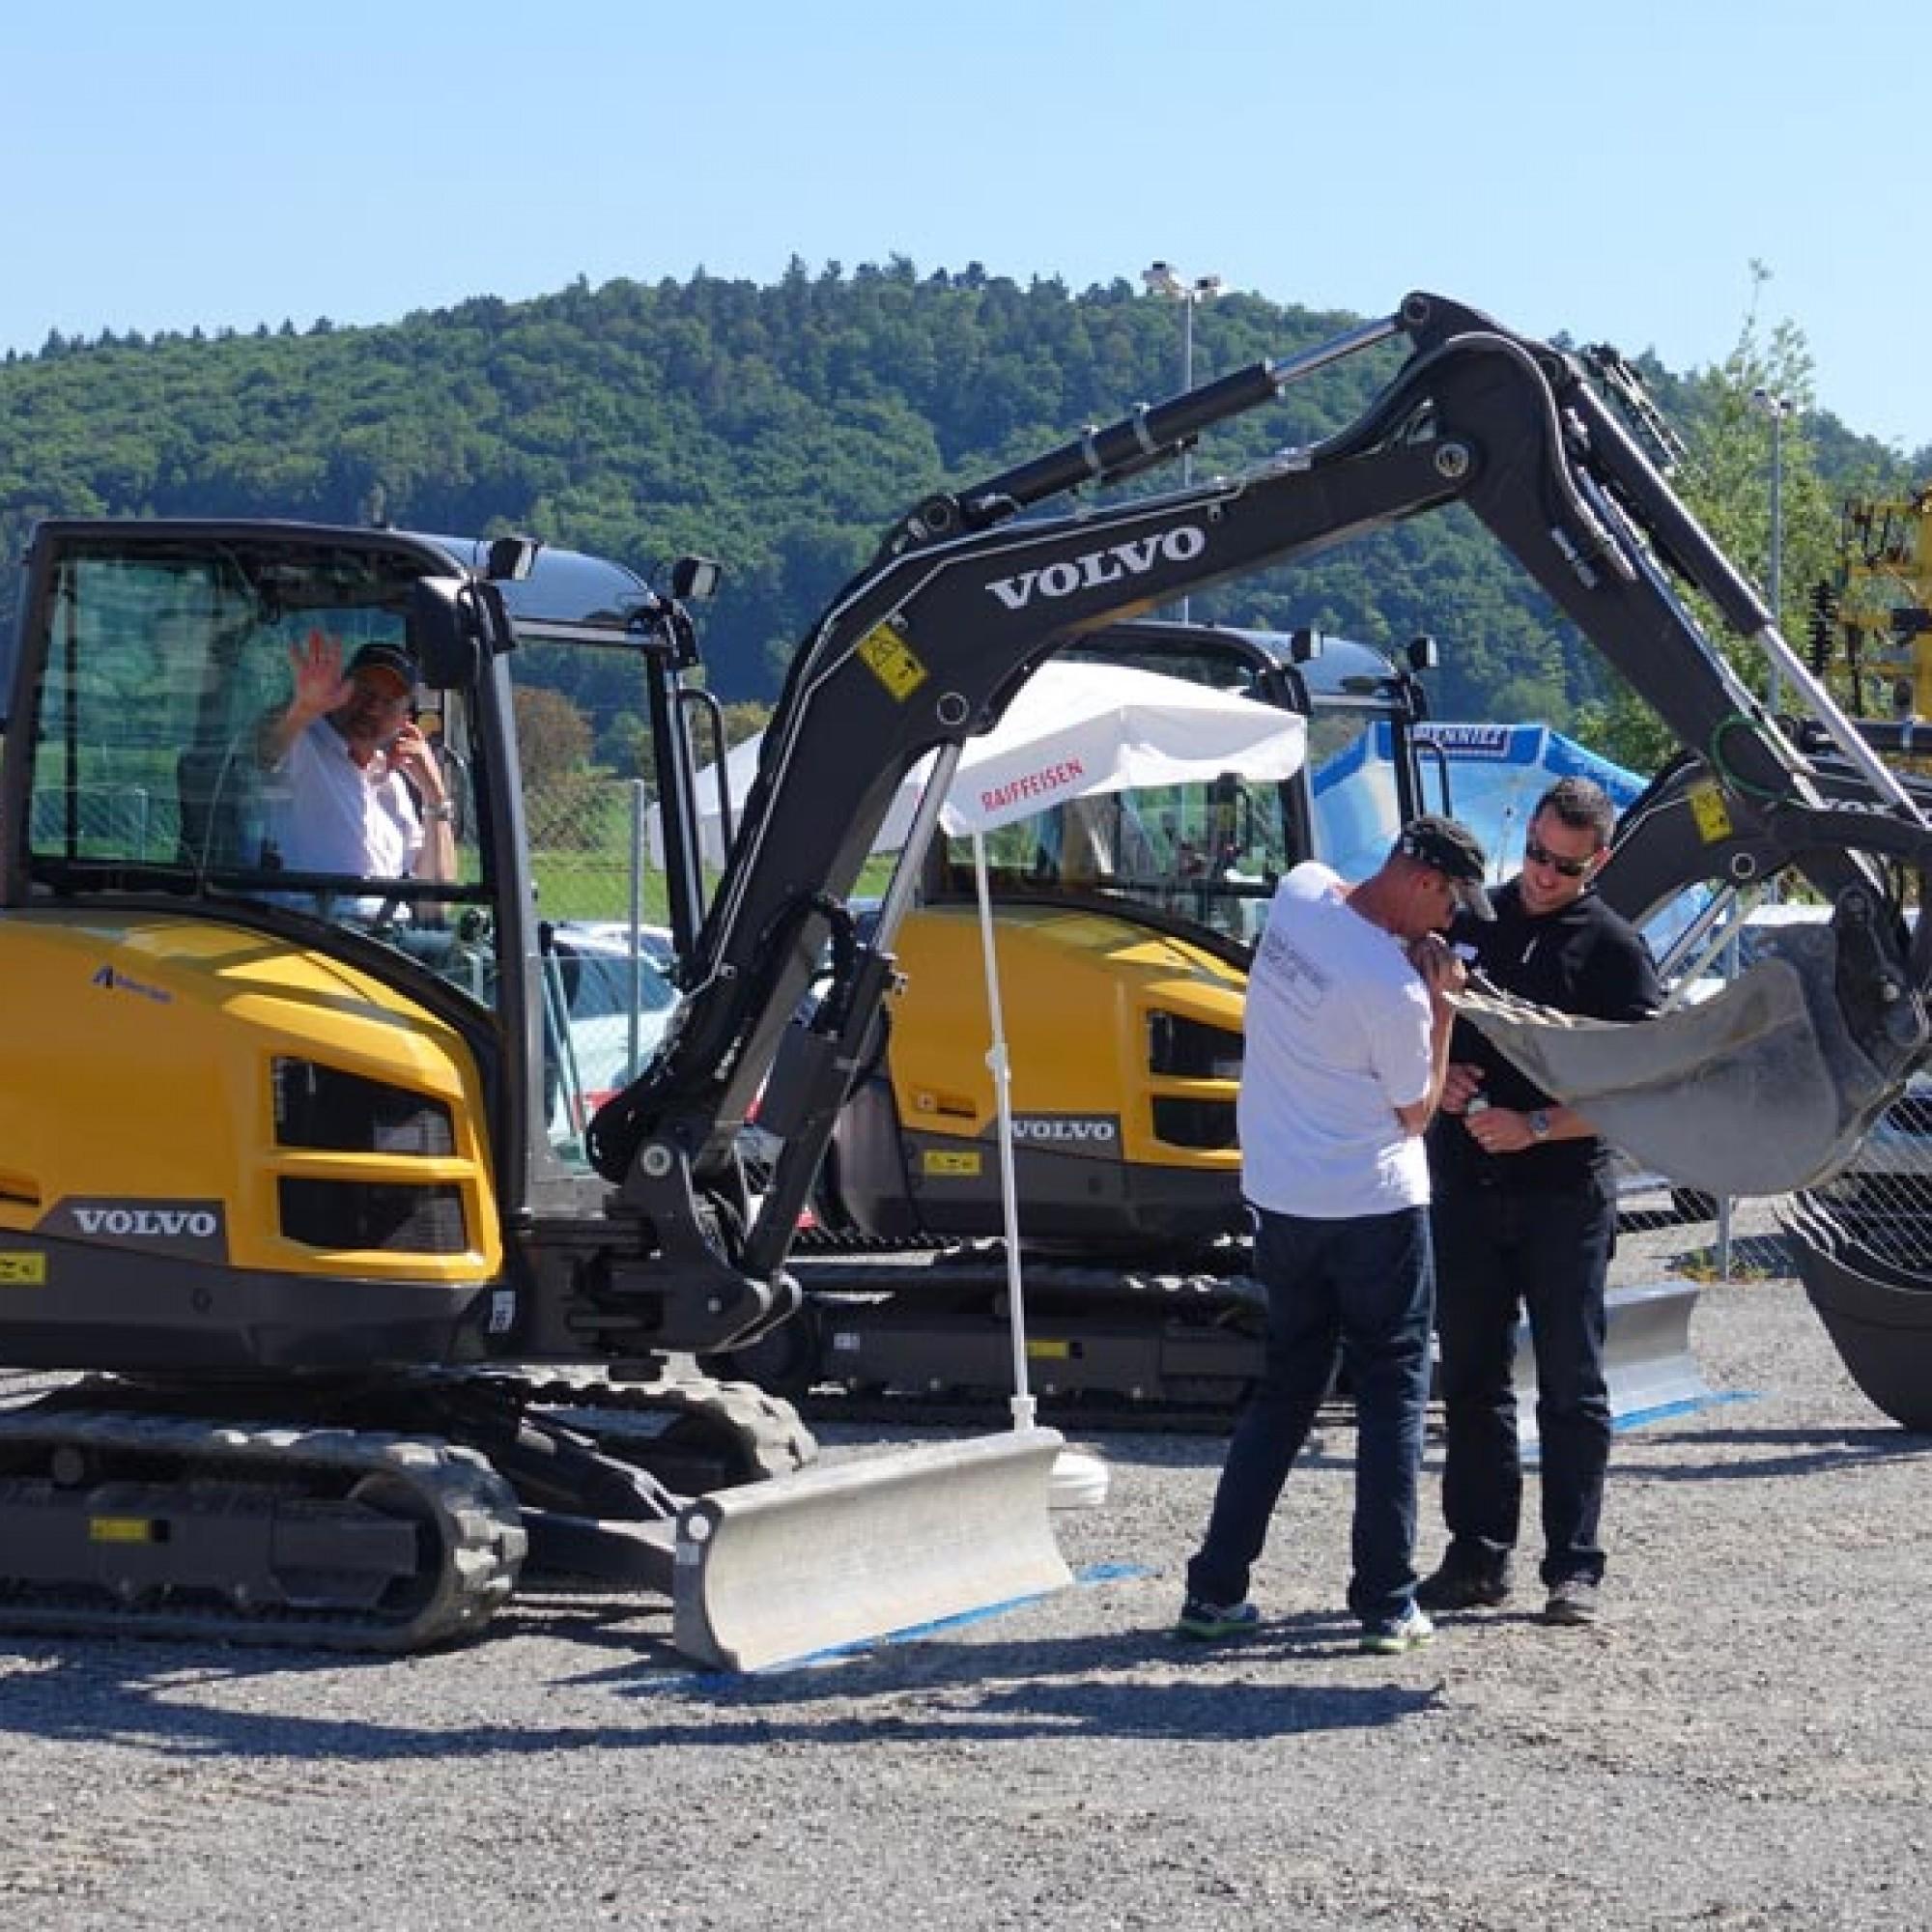 Vorbereitungen für die Wettkämpfe der Volvo Challenge. Die Bagger werden präpariert, an der Schaufel ein kleiner Löffel befestigt. (Alle Fotos: Claudia Bertoldi)